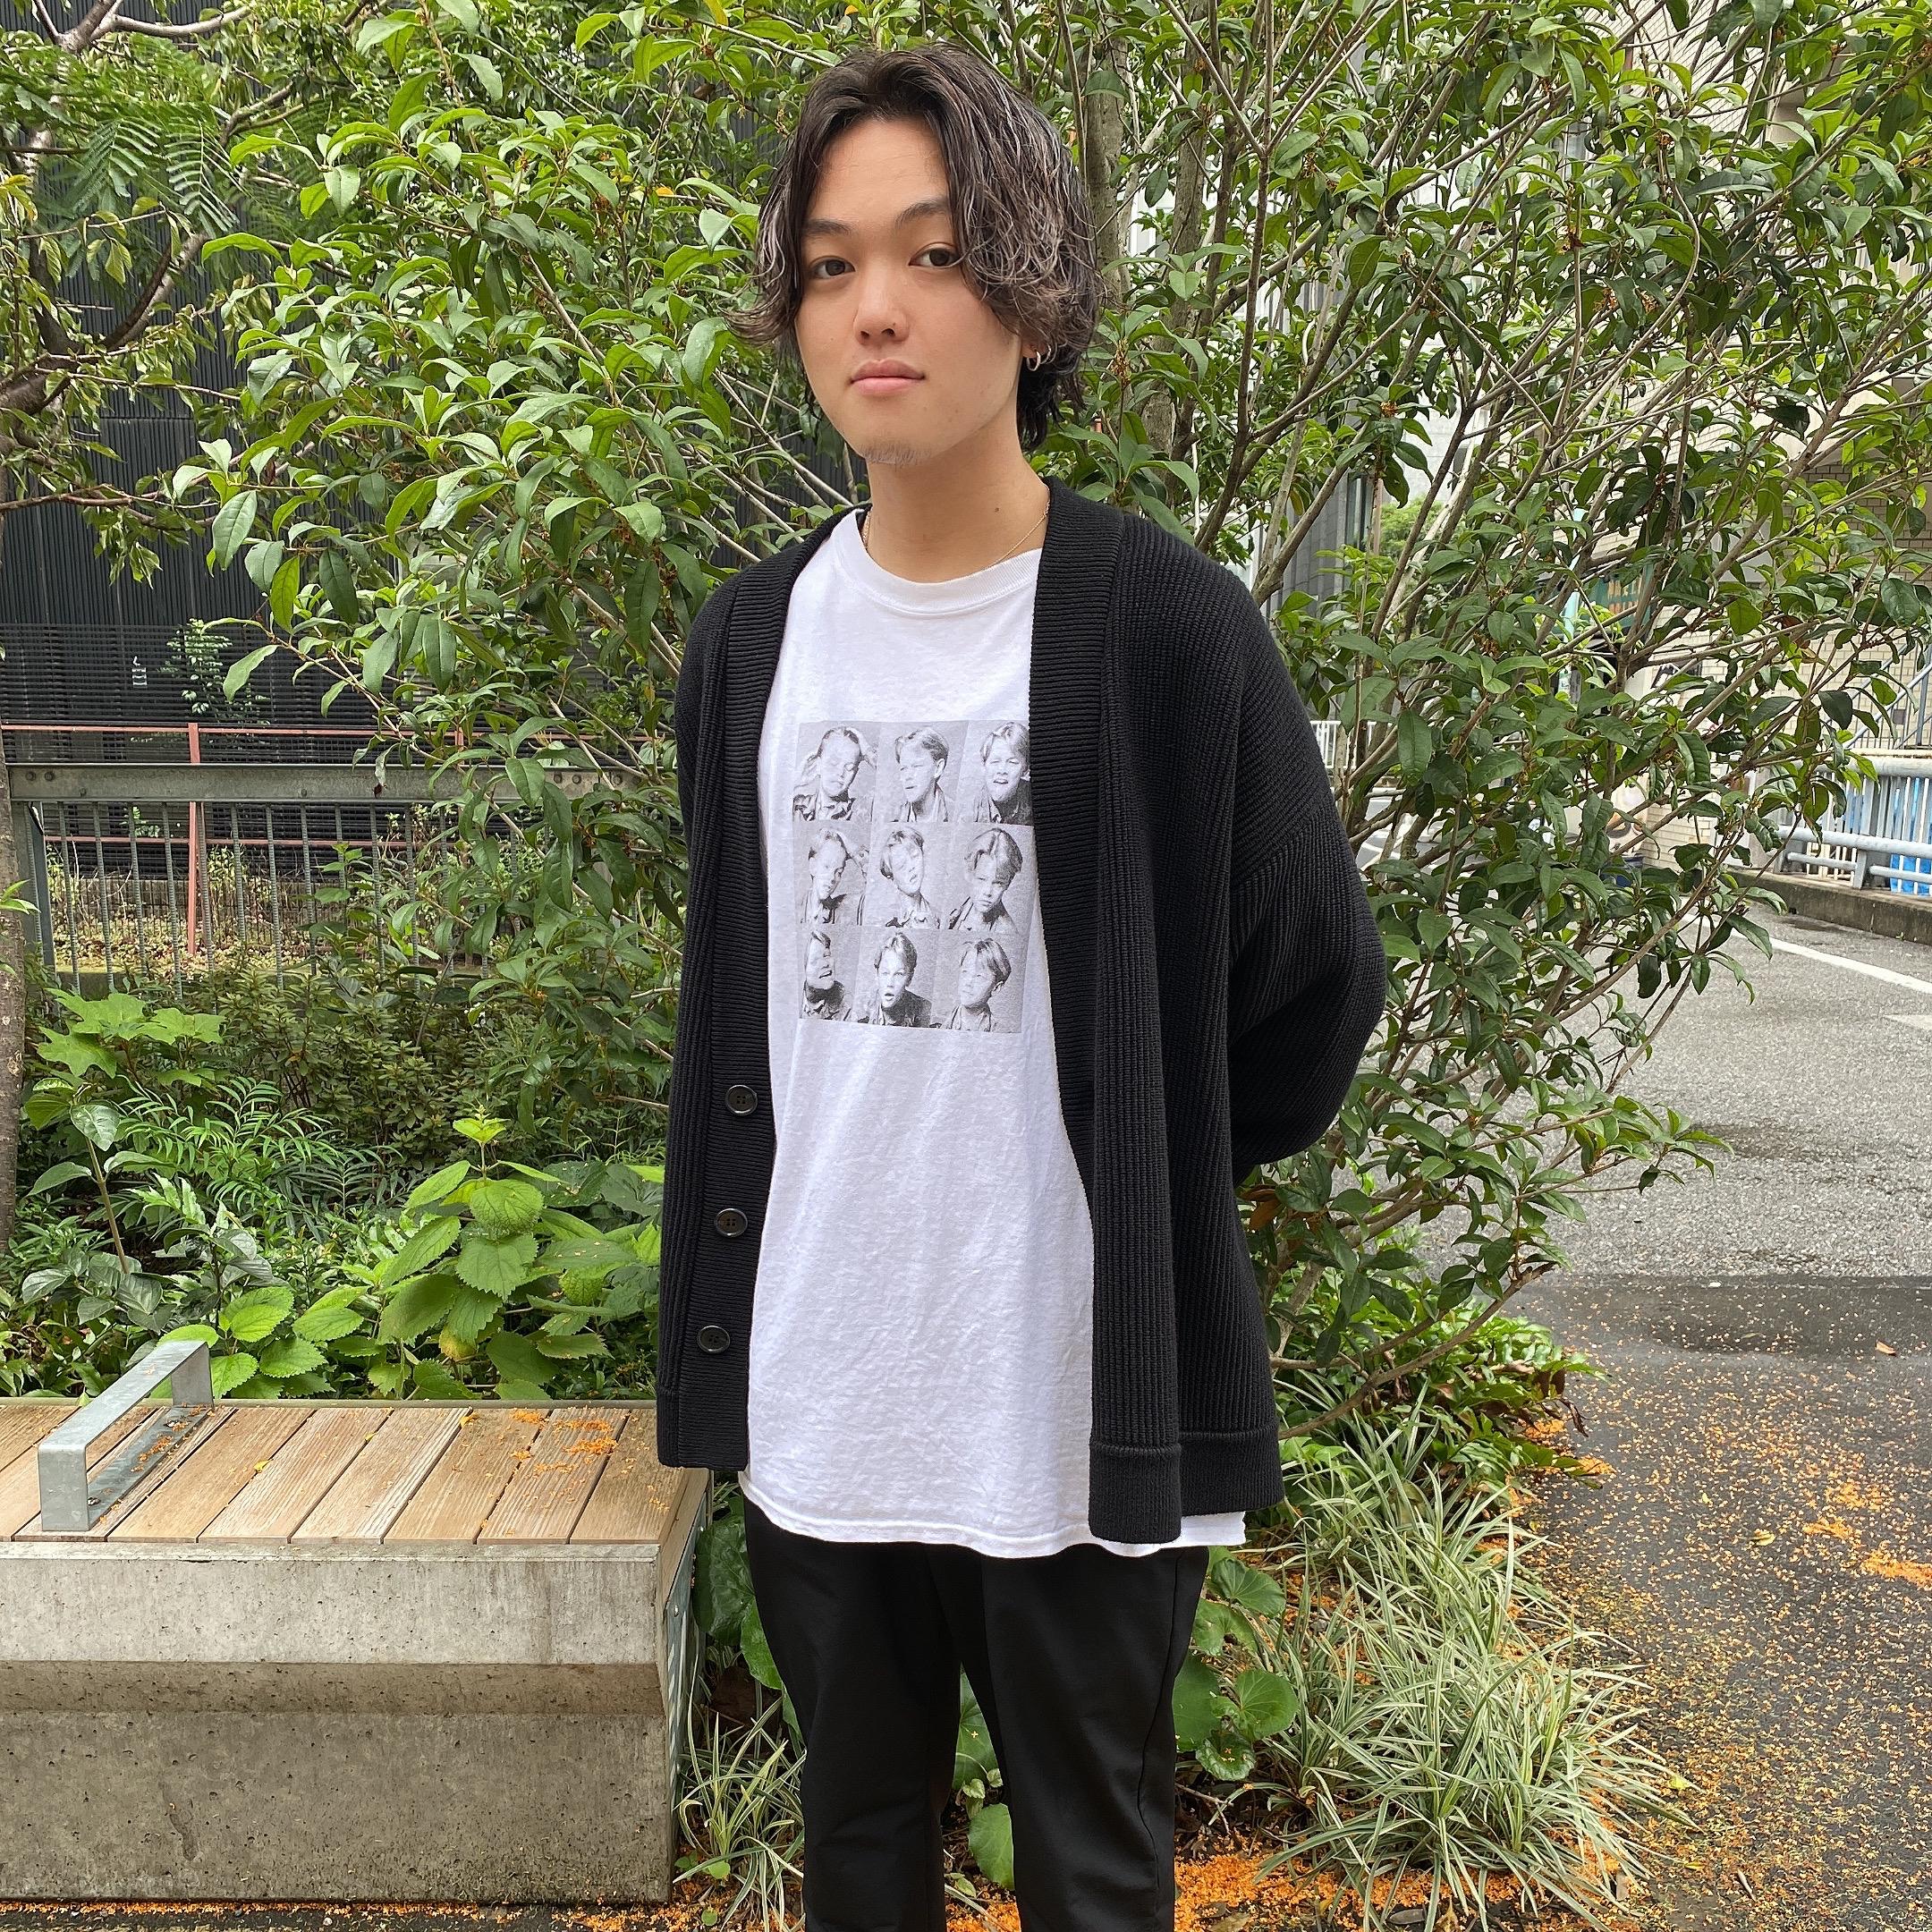 ナチュラル/エッジ ⚡️西川 渉